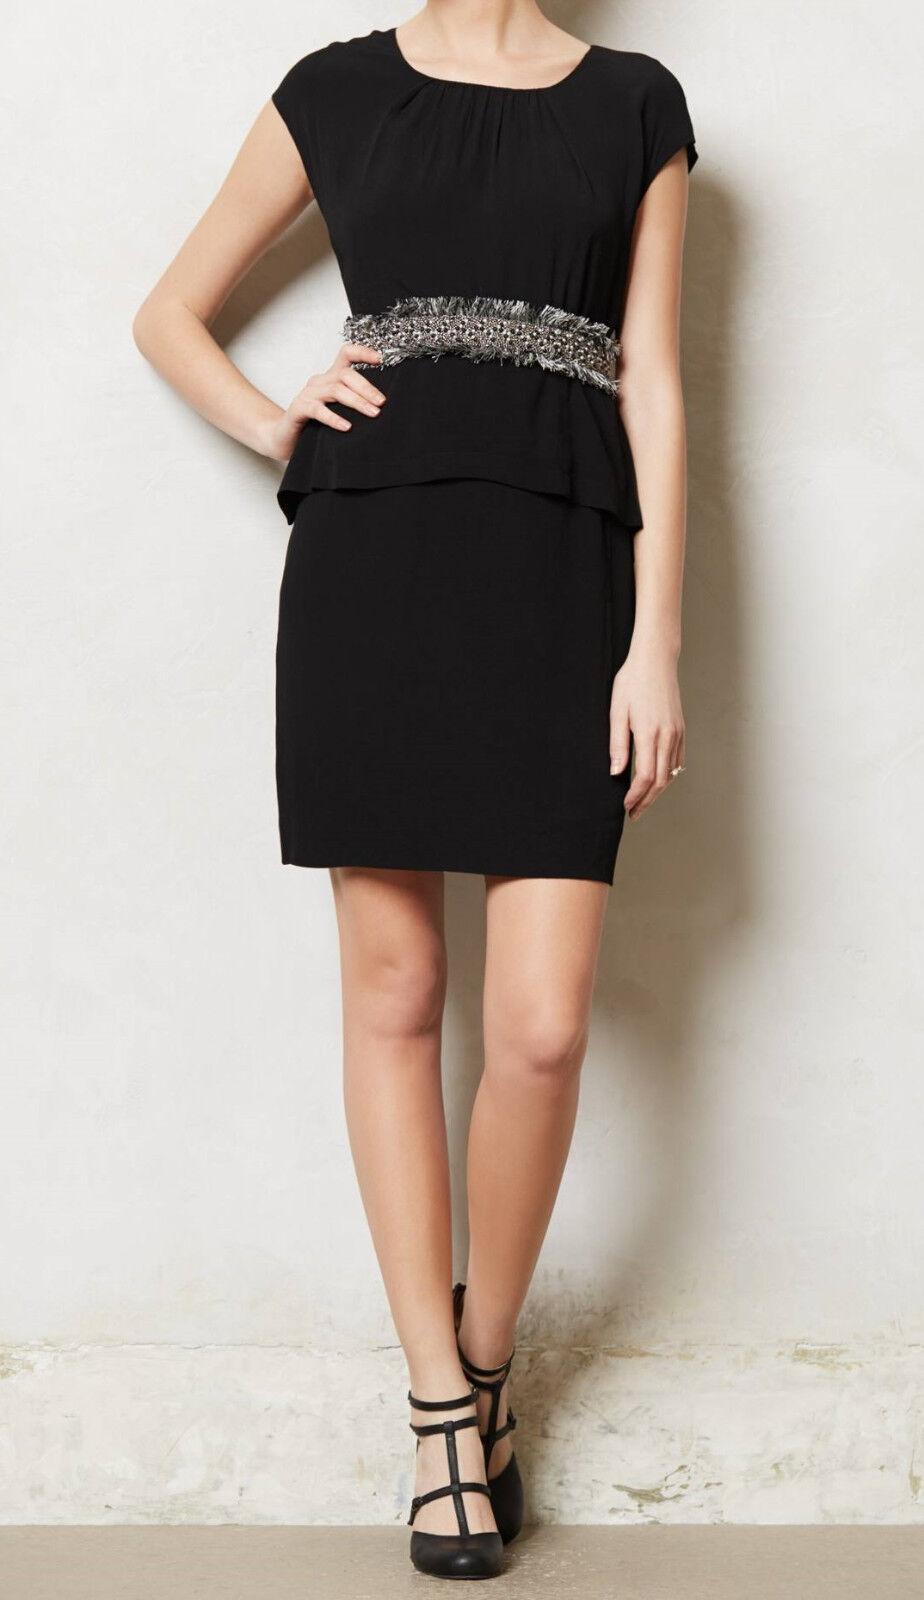 Moulinette Soeurs Sheath Crepe Peplum Dress Größes 6, 8 schwarz NW ANTHROPOLOGIE Ta